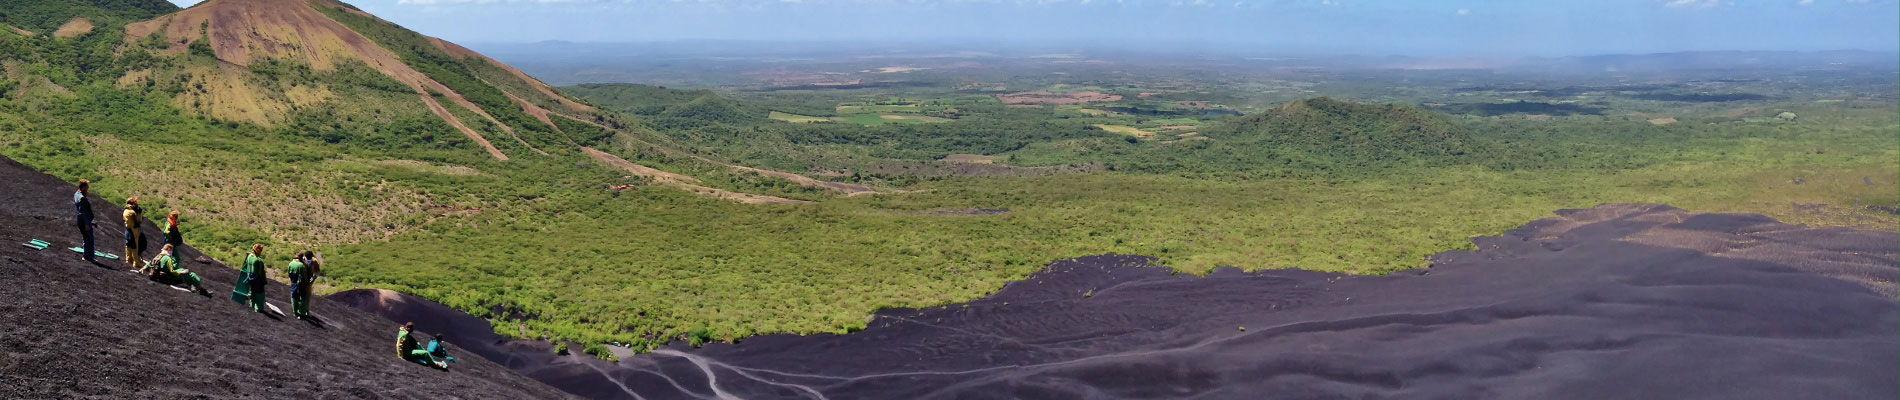 nicaragua-volcan-cerro-negro-st